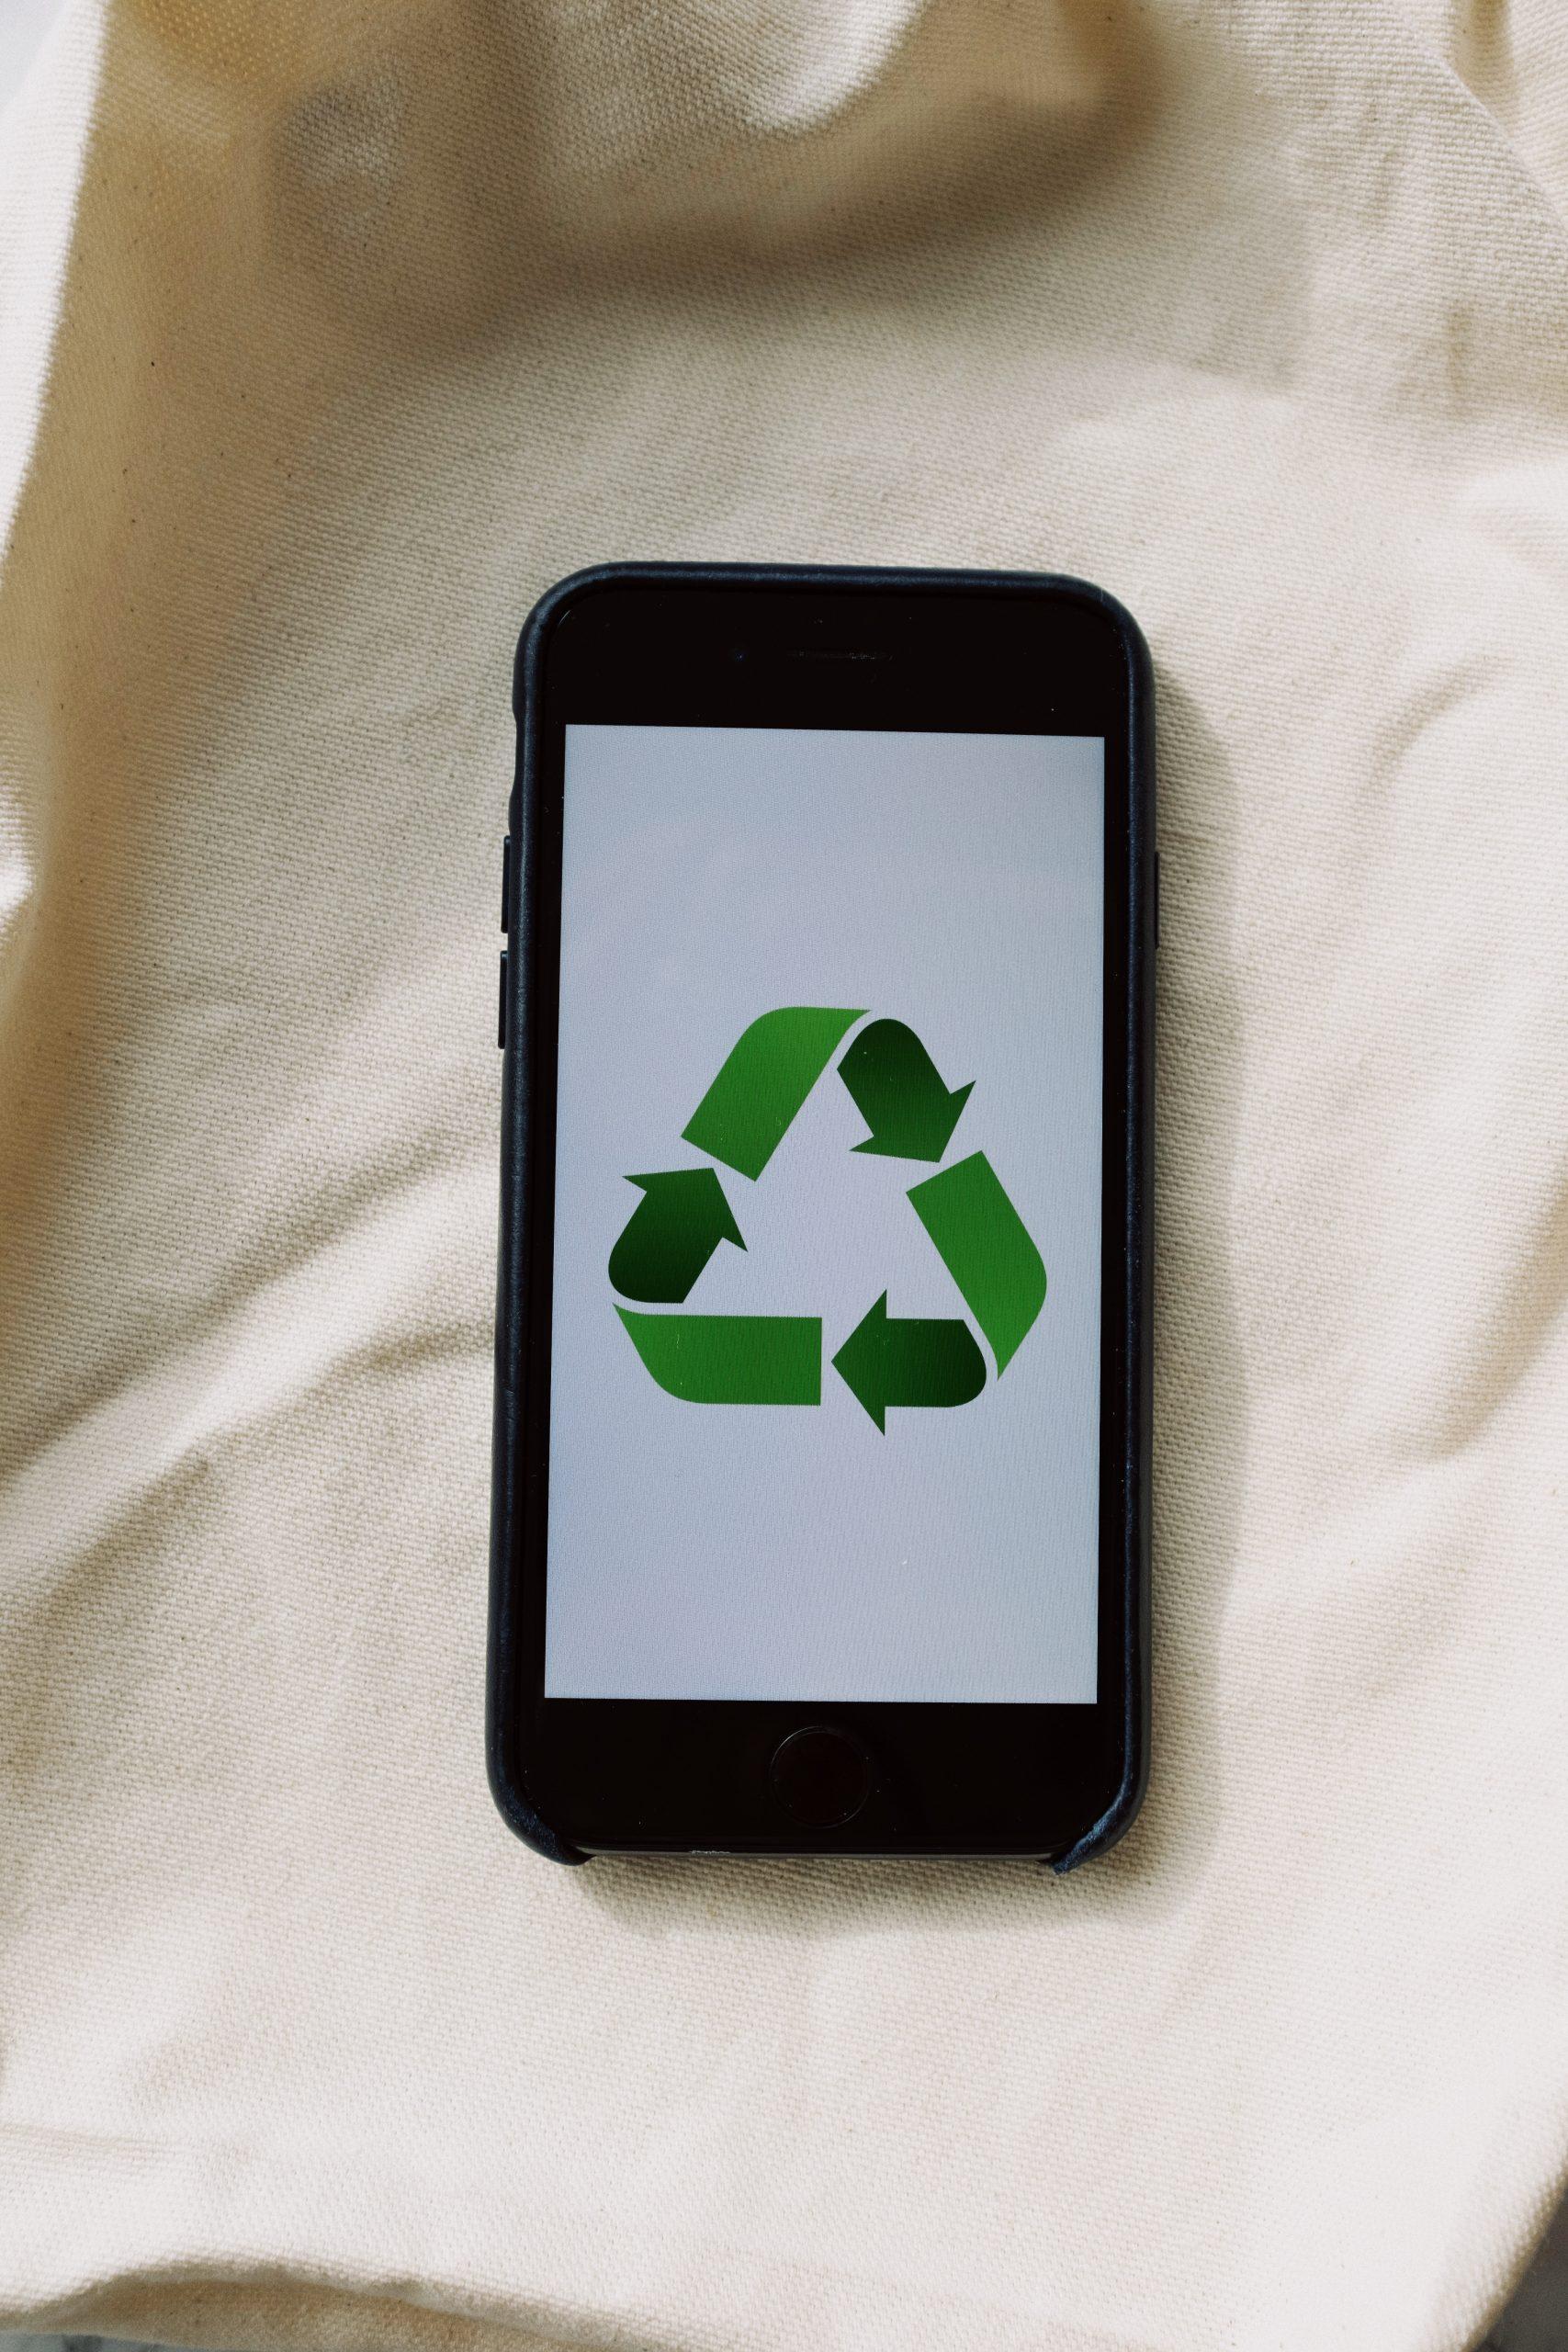 economía circular, reutilizar, reciclar.